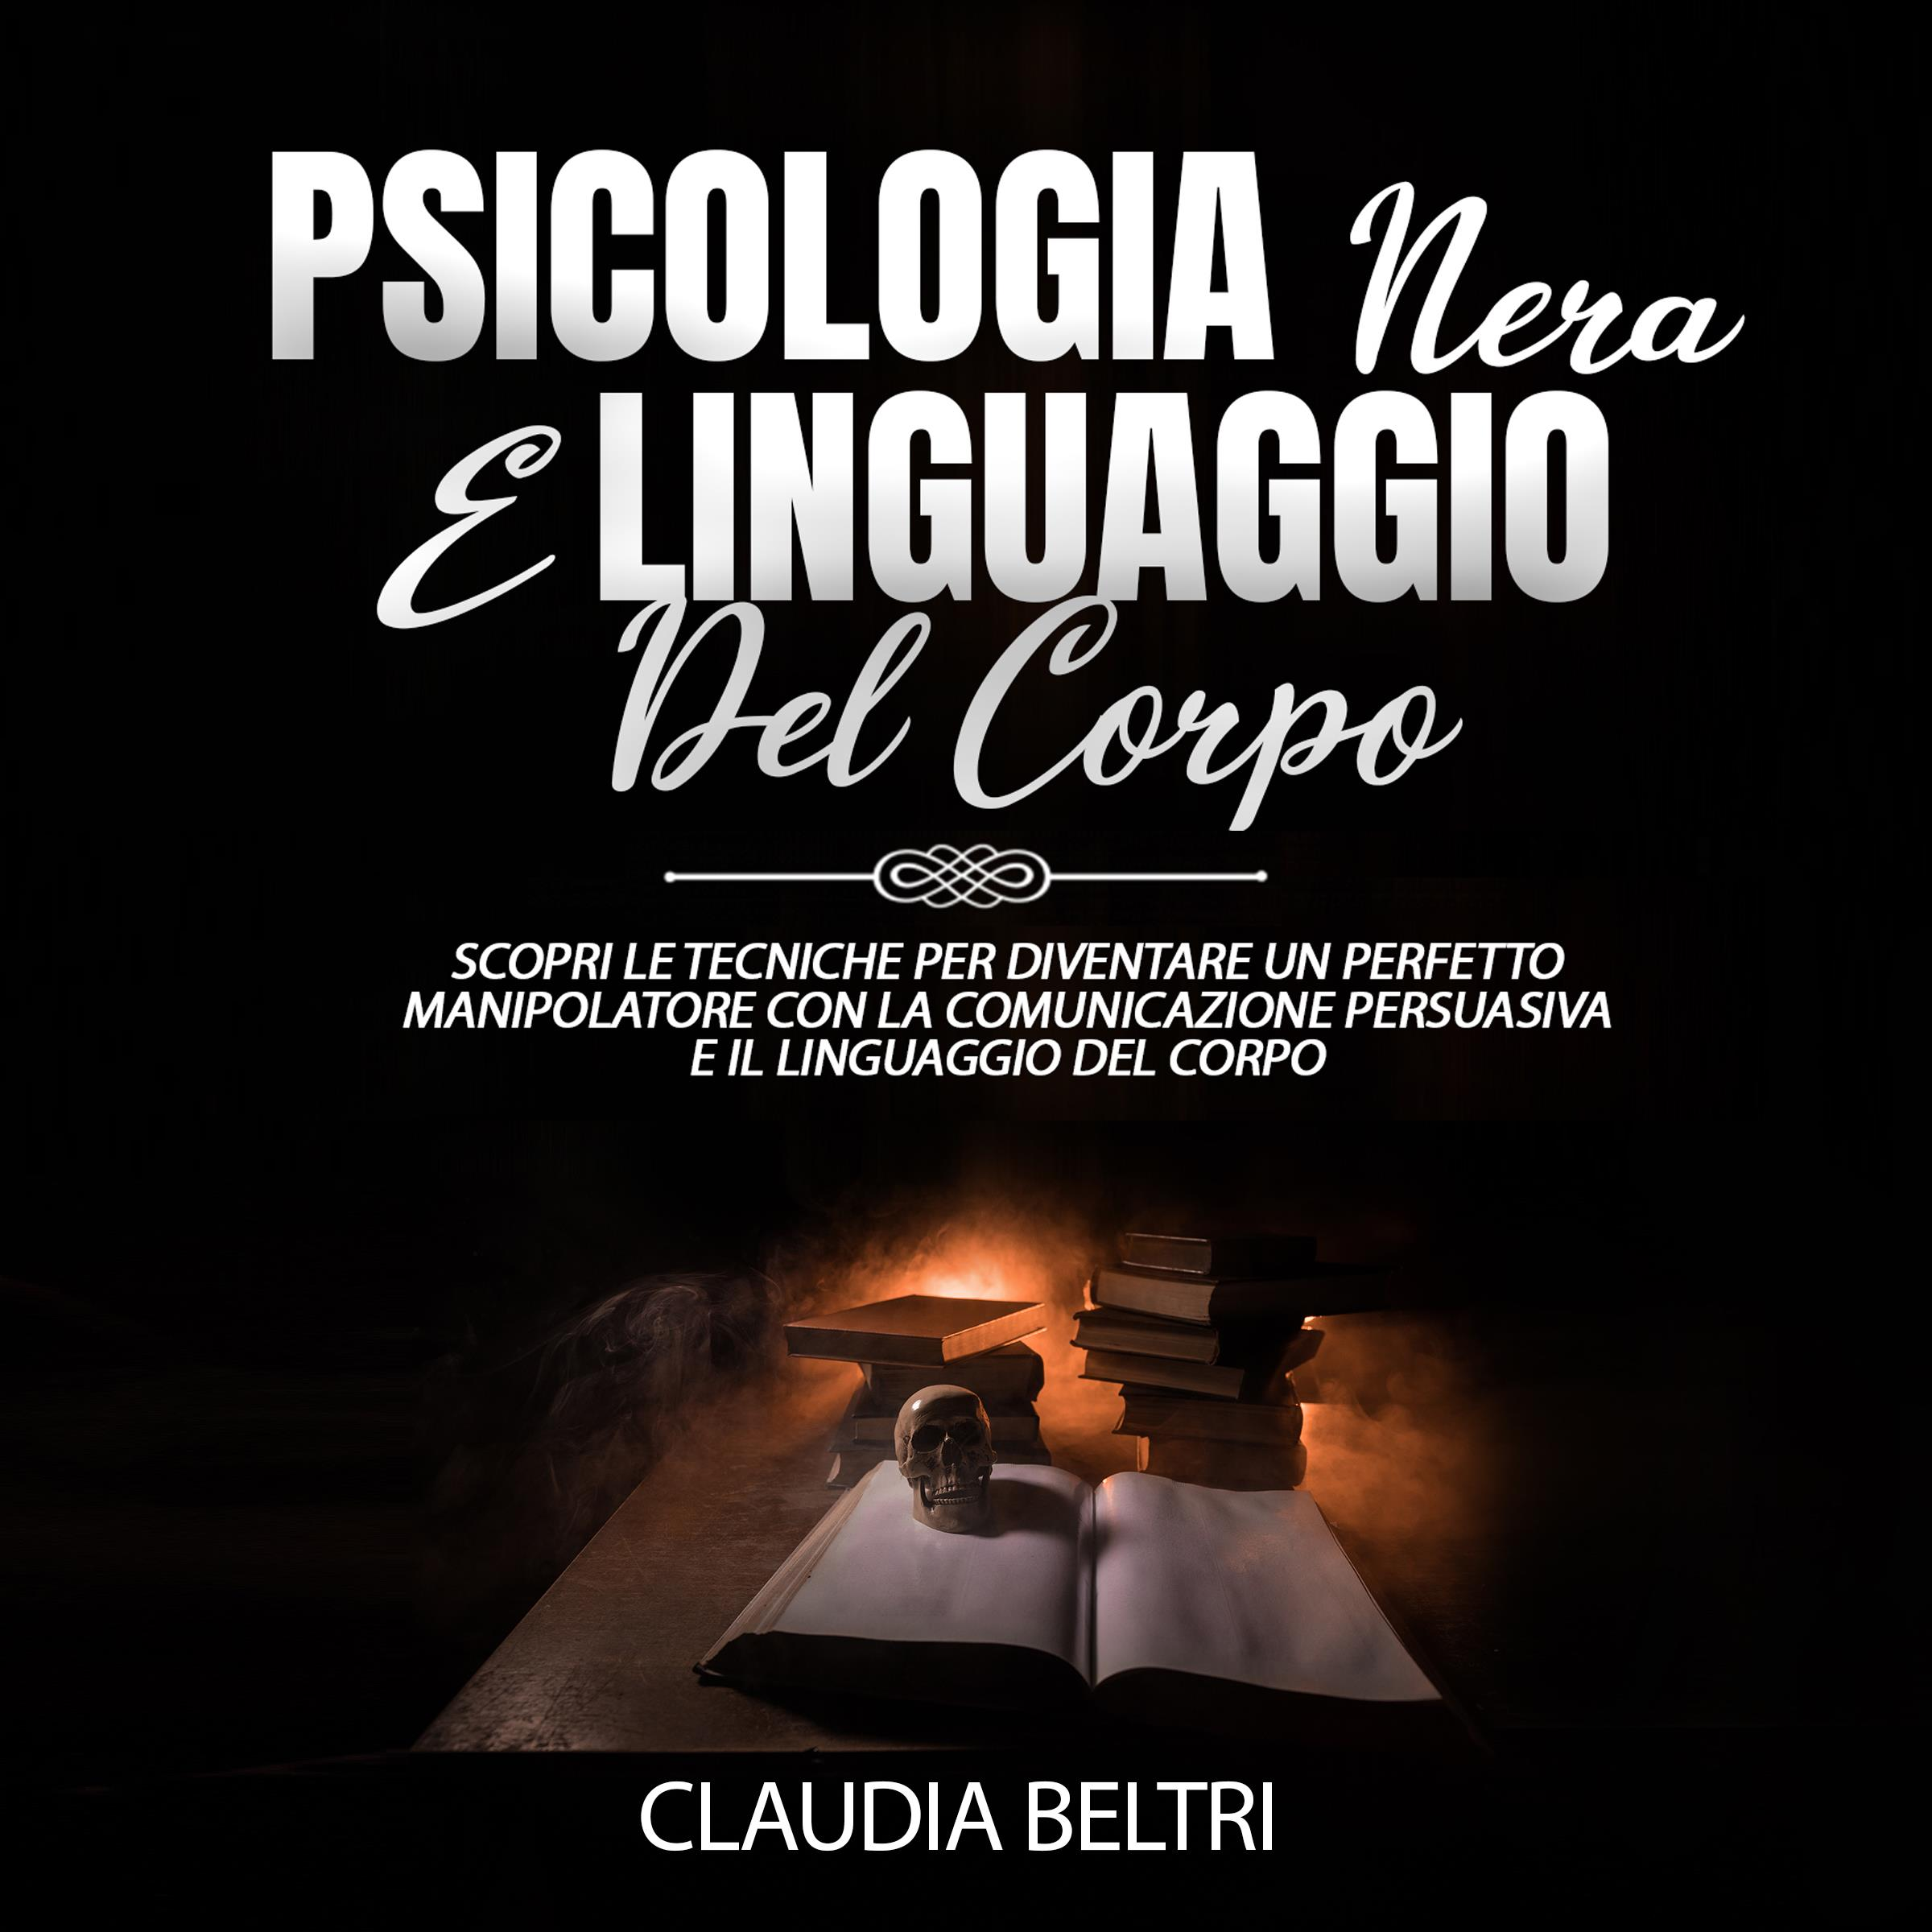 Psicologia nera e linguaggio del corpo